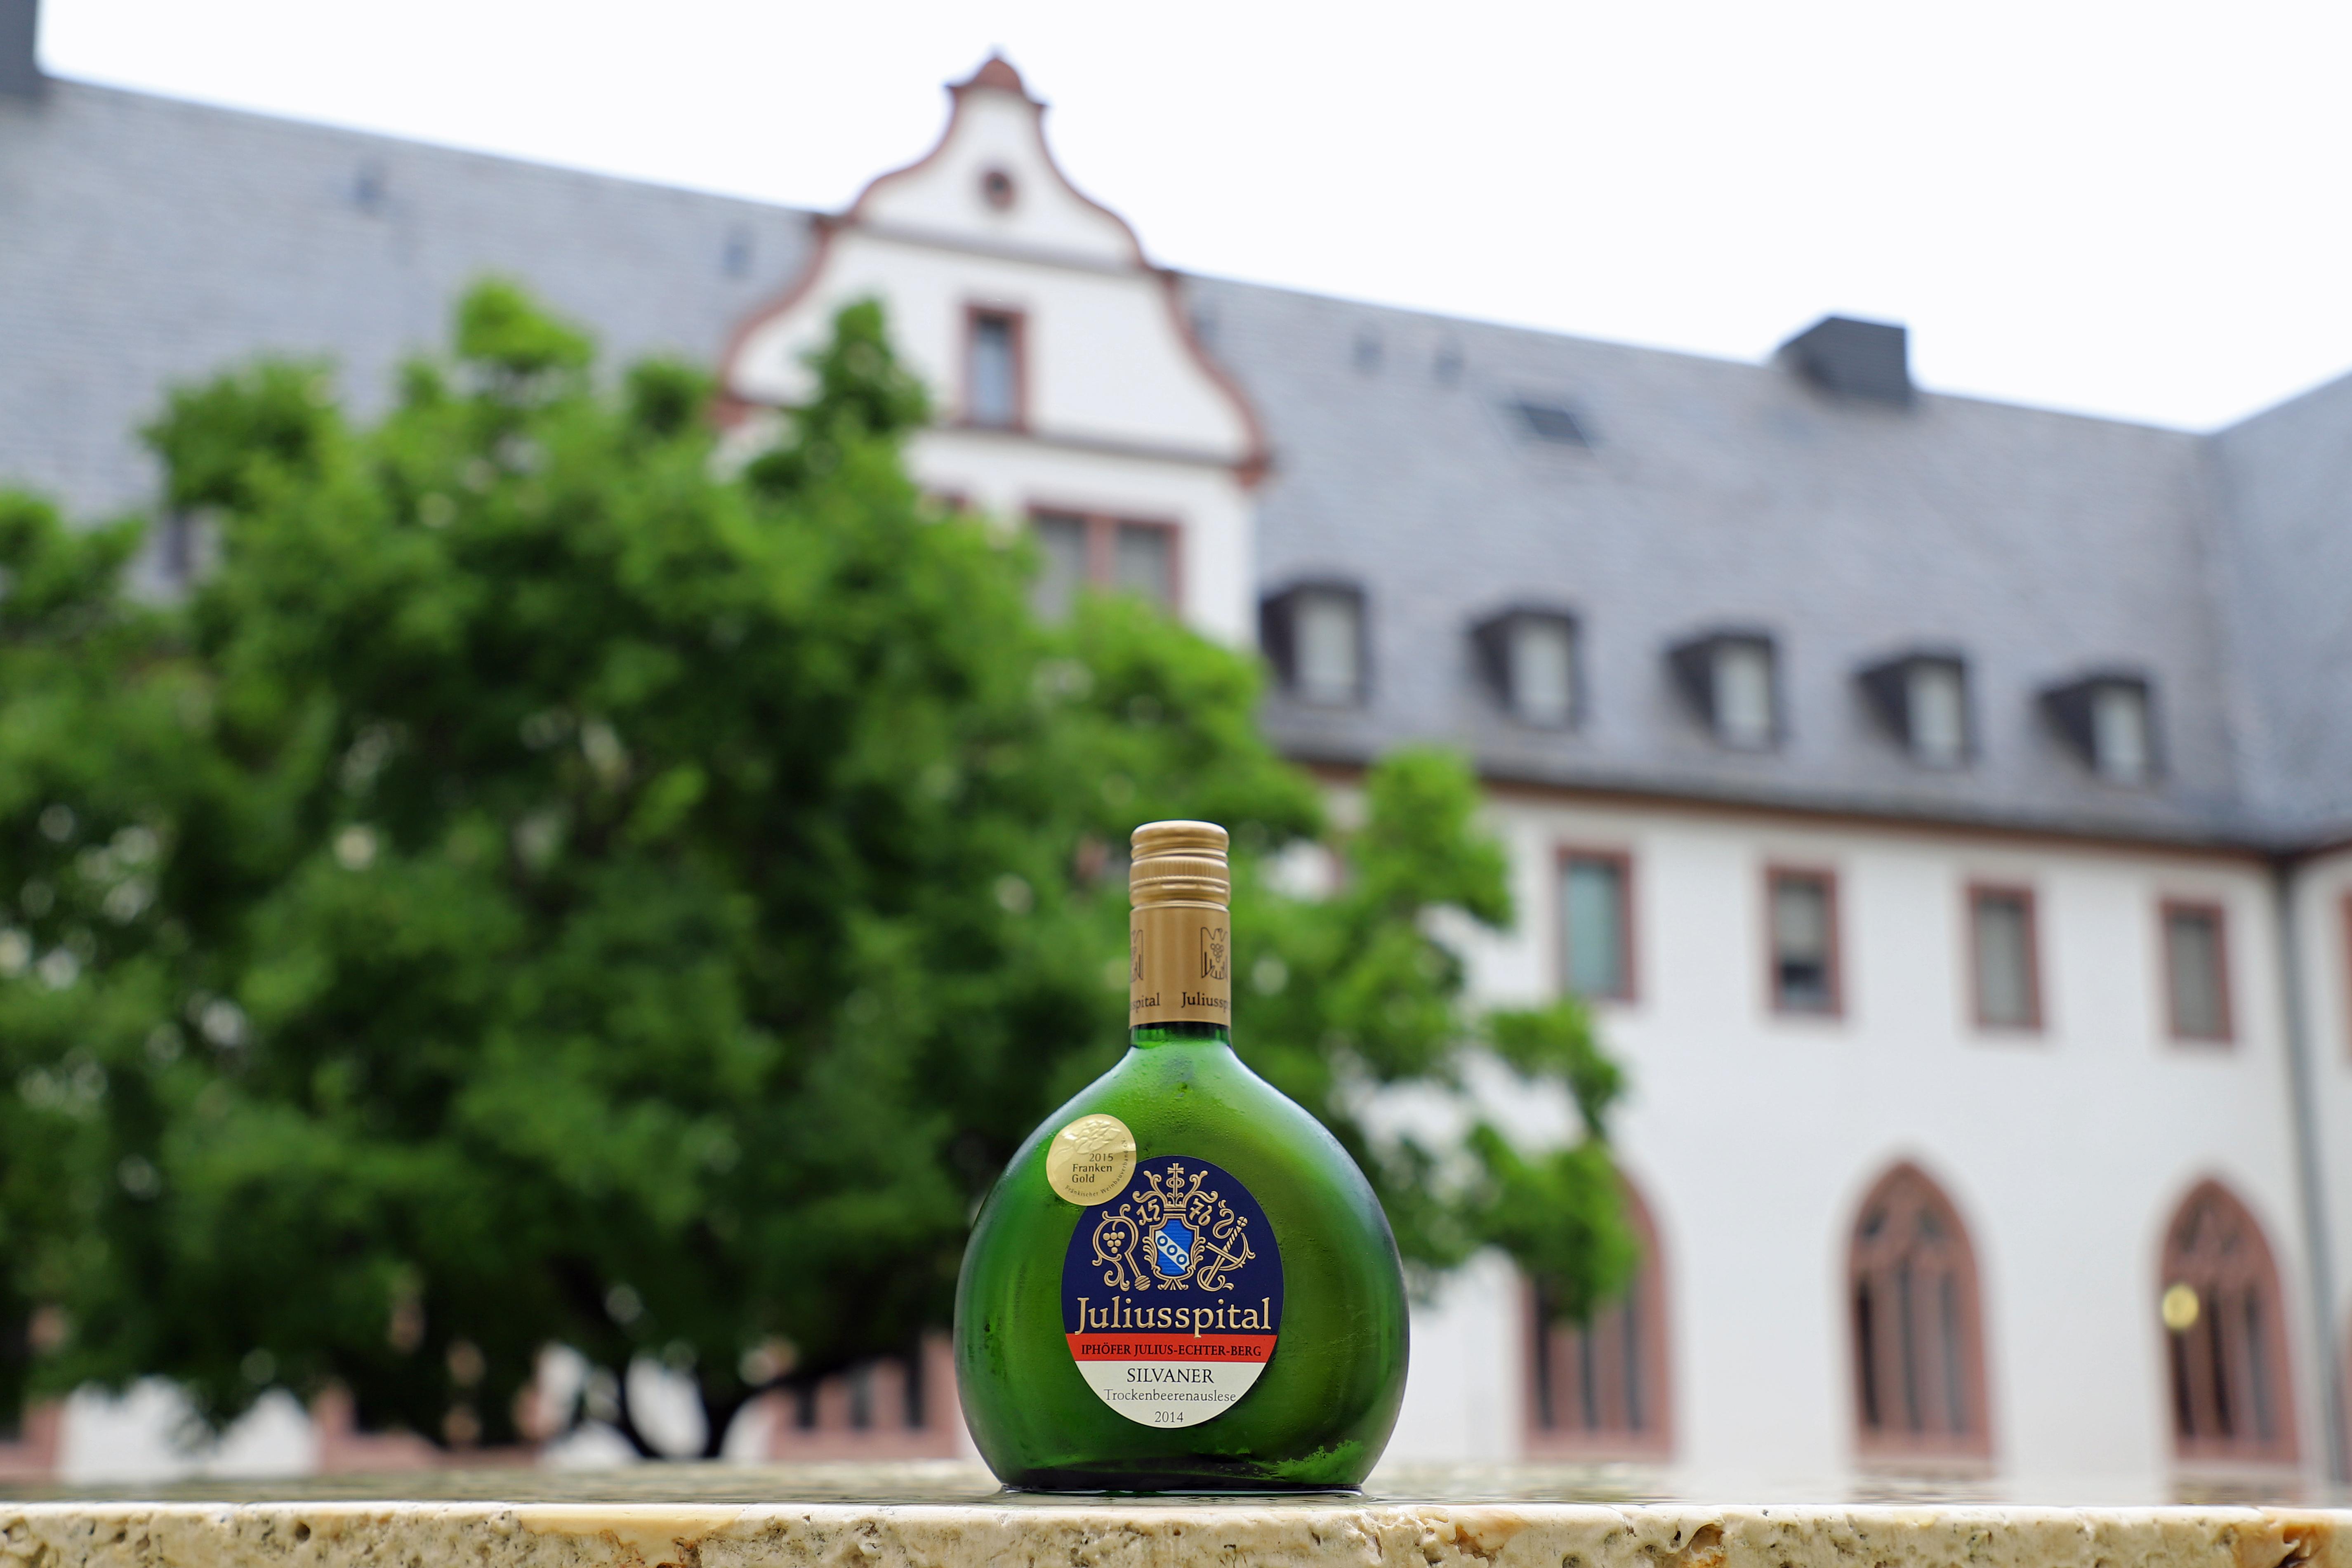 Siegerwein Weingut Juliusspital Würzburg